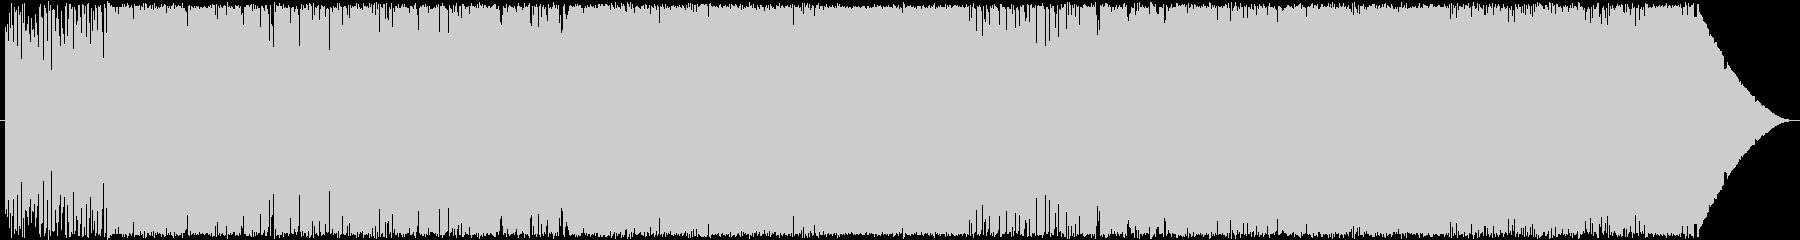 終始かっこいいピアノ(BPM200)の未再生の波形